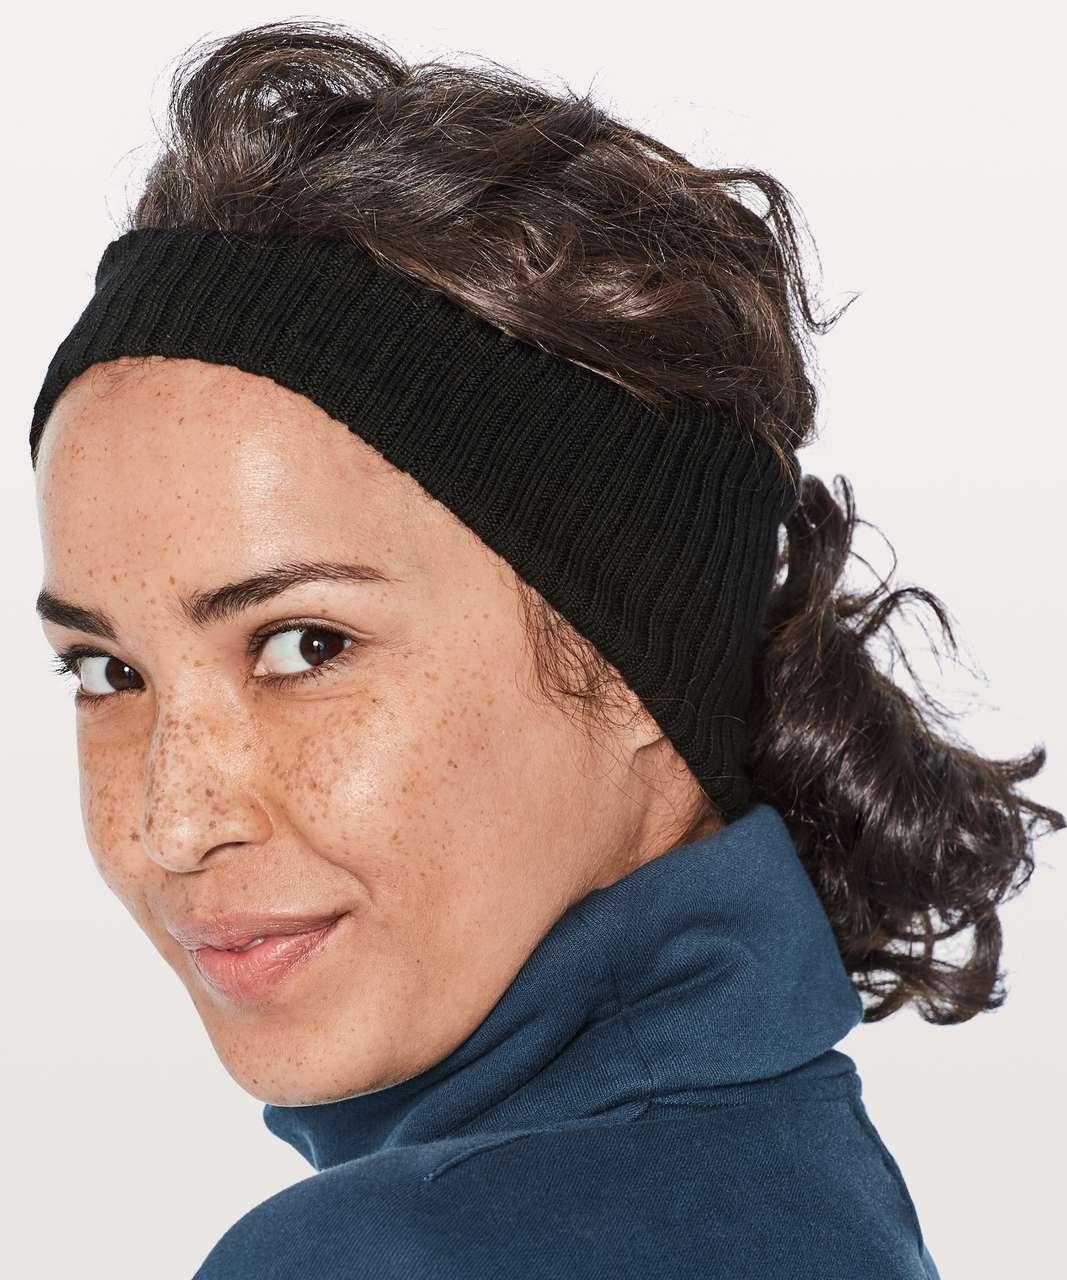 d248c656d28 Lululemon Wool Be Cozy Ear Warmer - Black - lulu fanatics